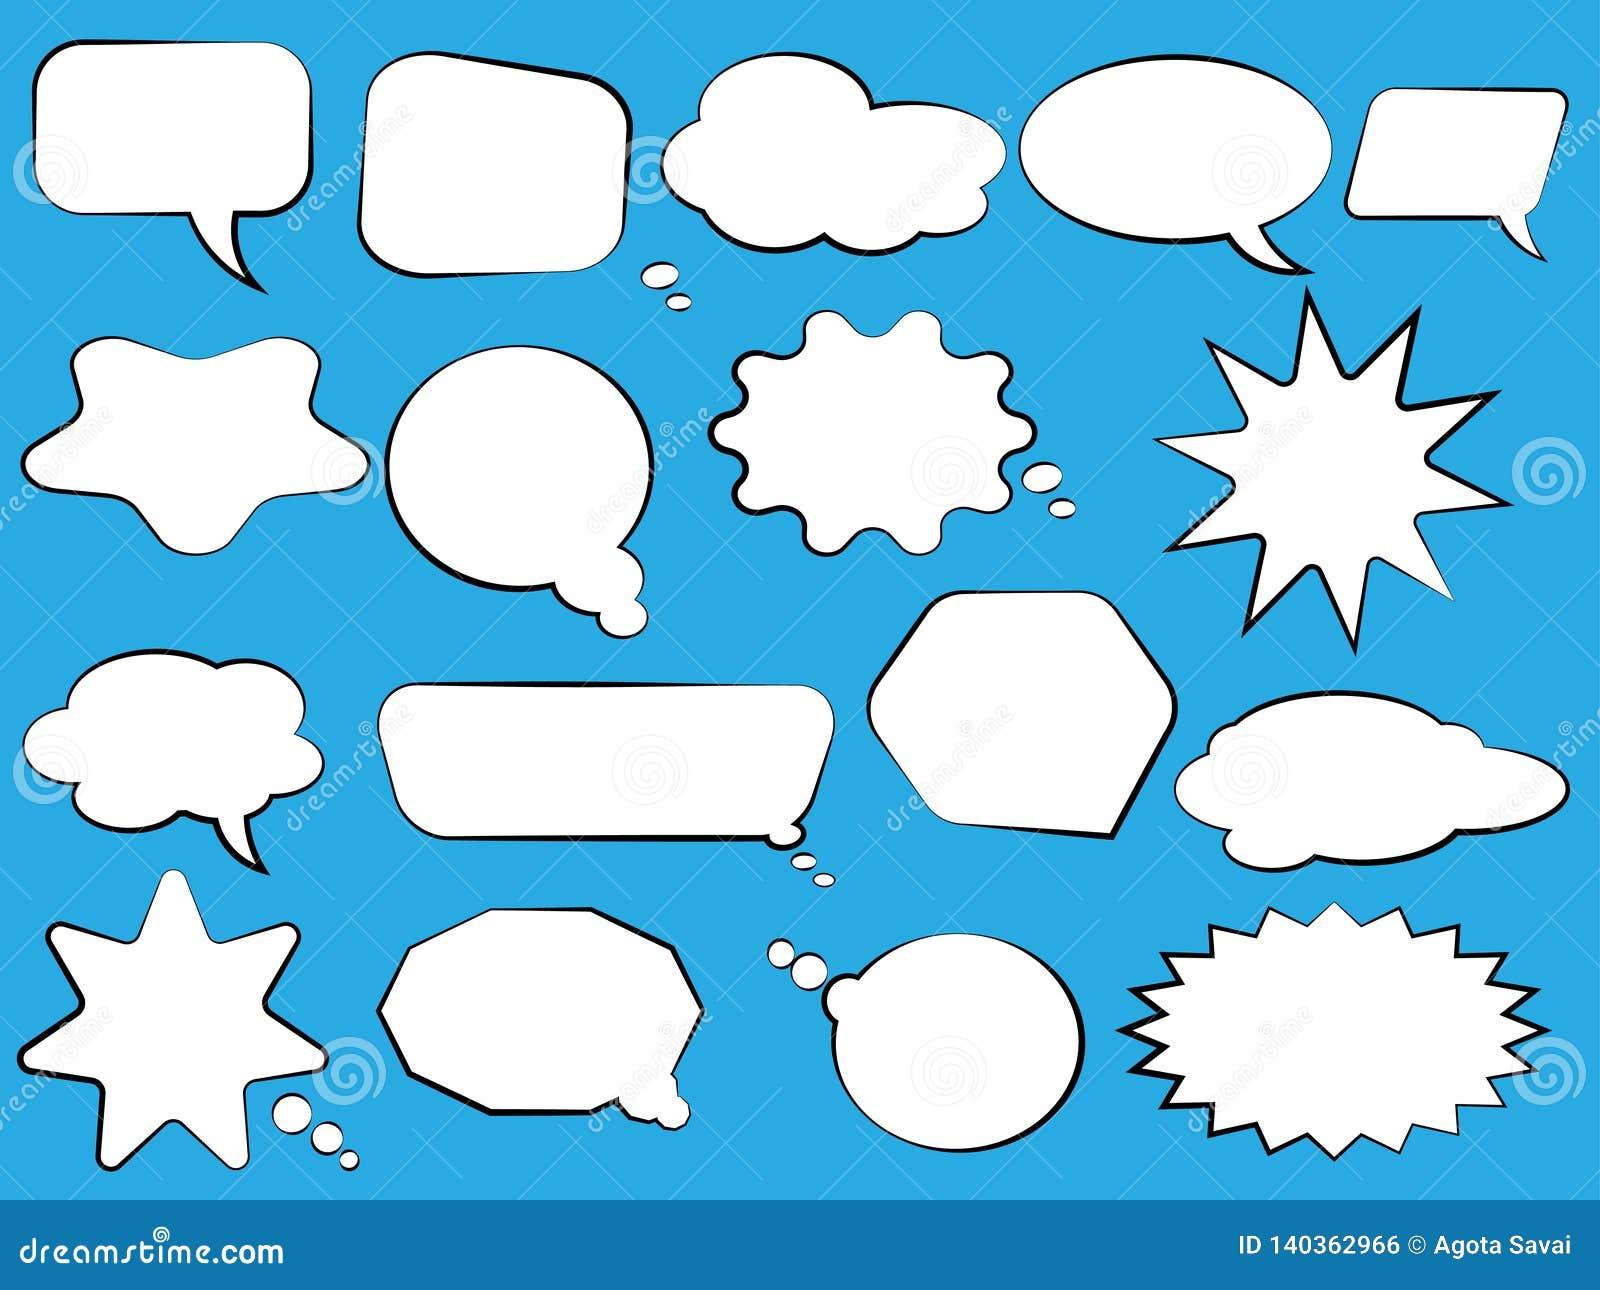 Jogo de bolhas do discurso Bolhas brancas vazias vazias do discurso Projeto da palavra do balão dos desenhos animados